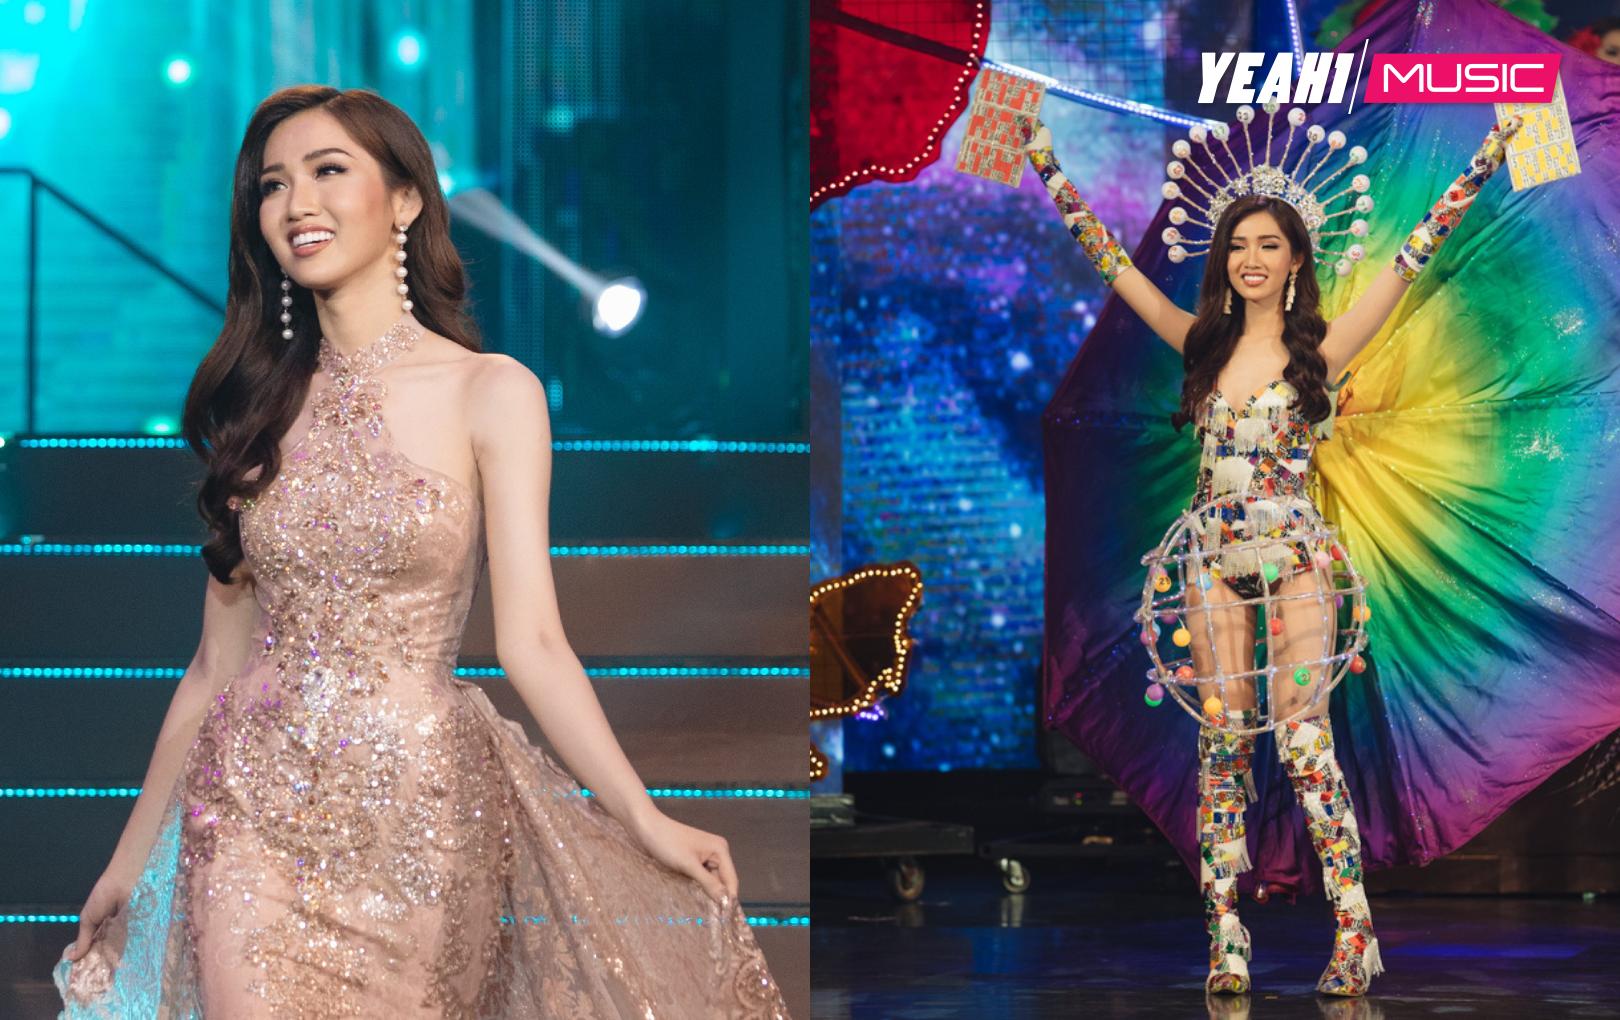 Chung kết Hoa hậu Chuyển giới Quốc tế: Nhật Hà vào top 6, đạt giải phụ Video giới thiệu hay nhất